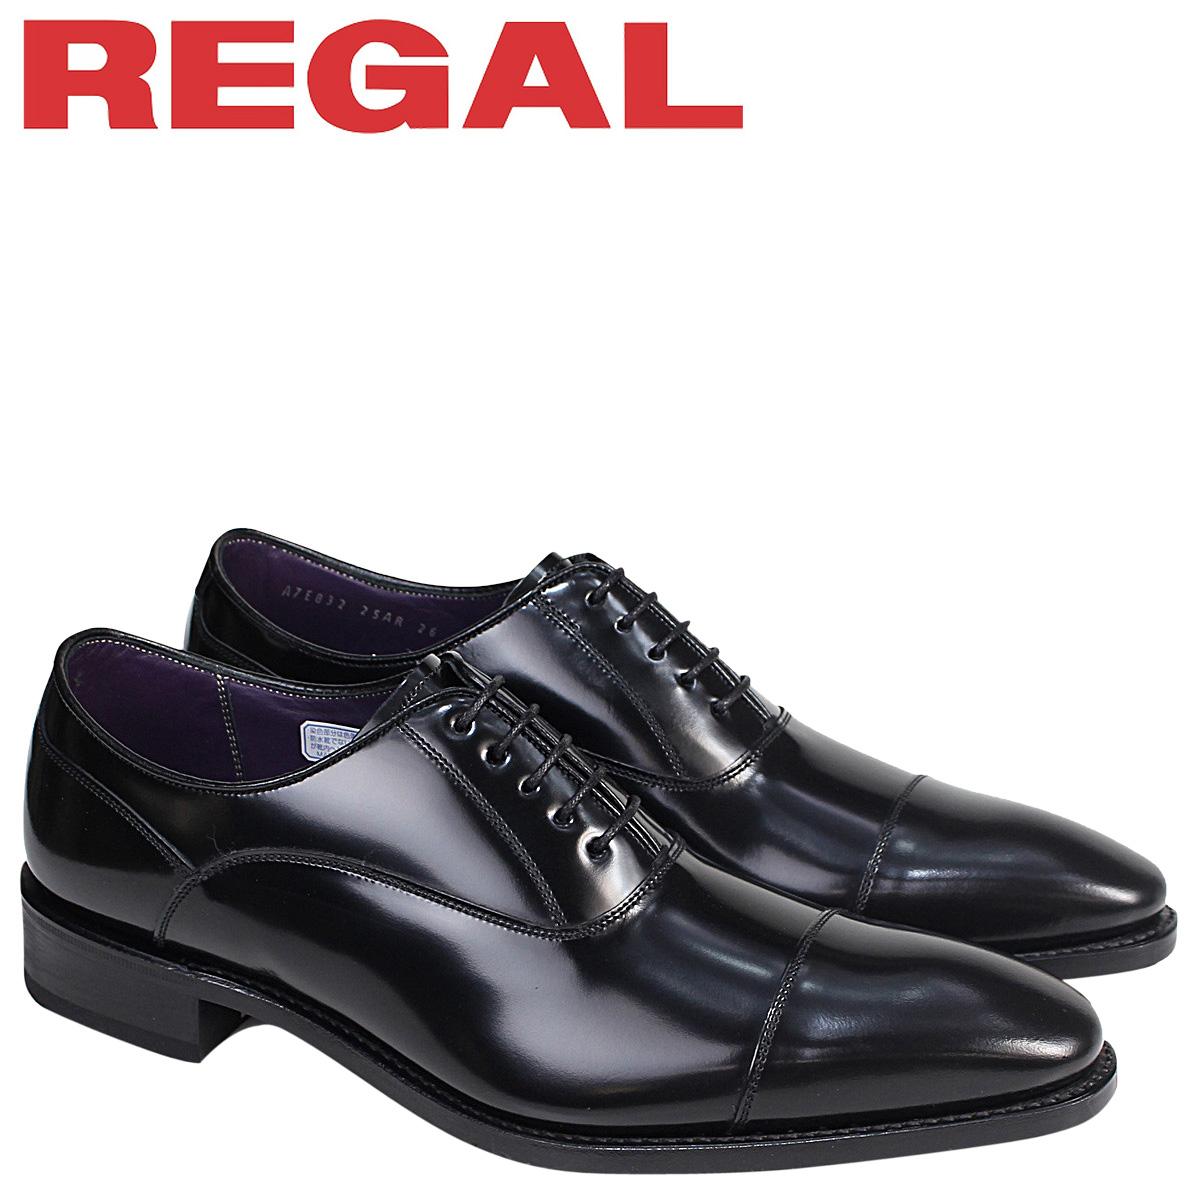 REGAL 靴 メンズ リーガル ストレートチップ 25ARBE ビジネスシューズ ブラック